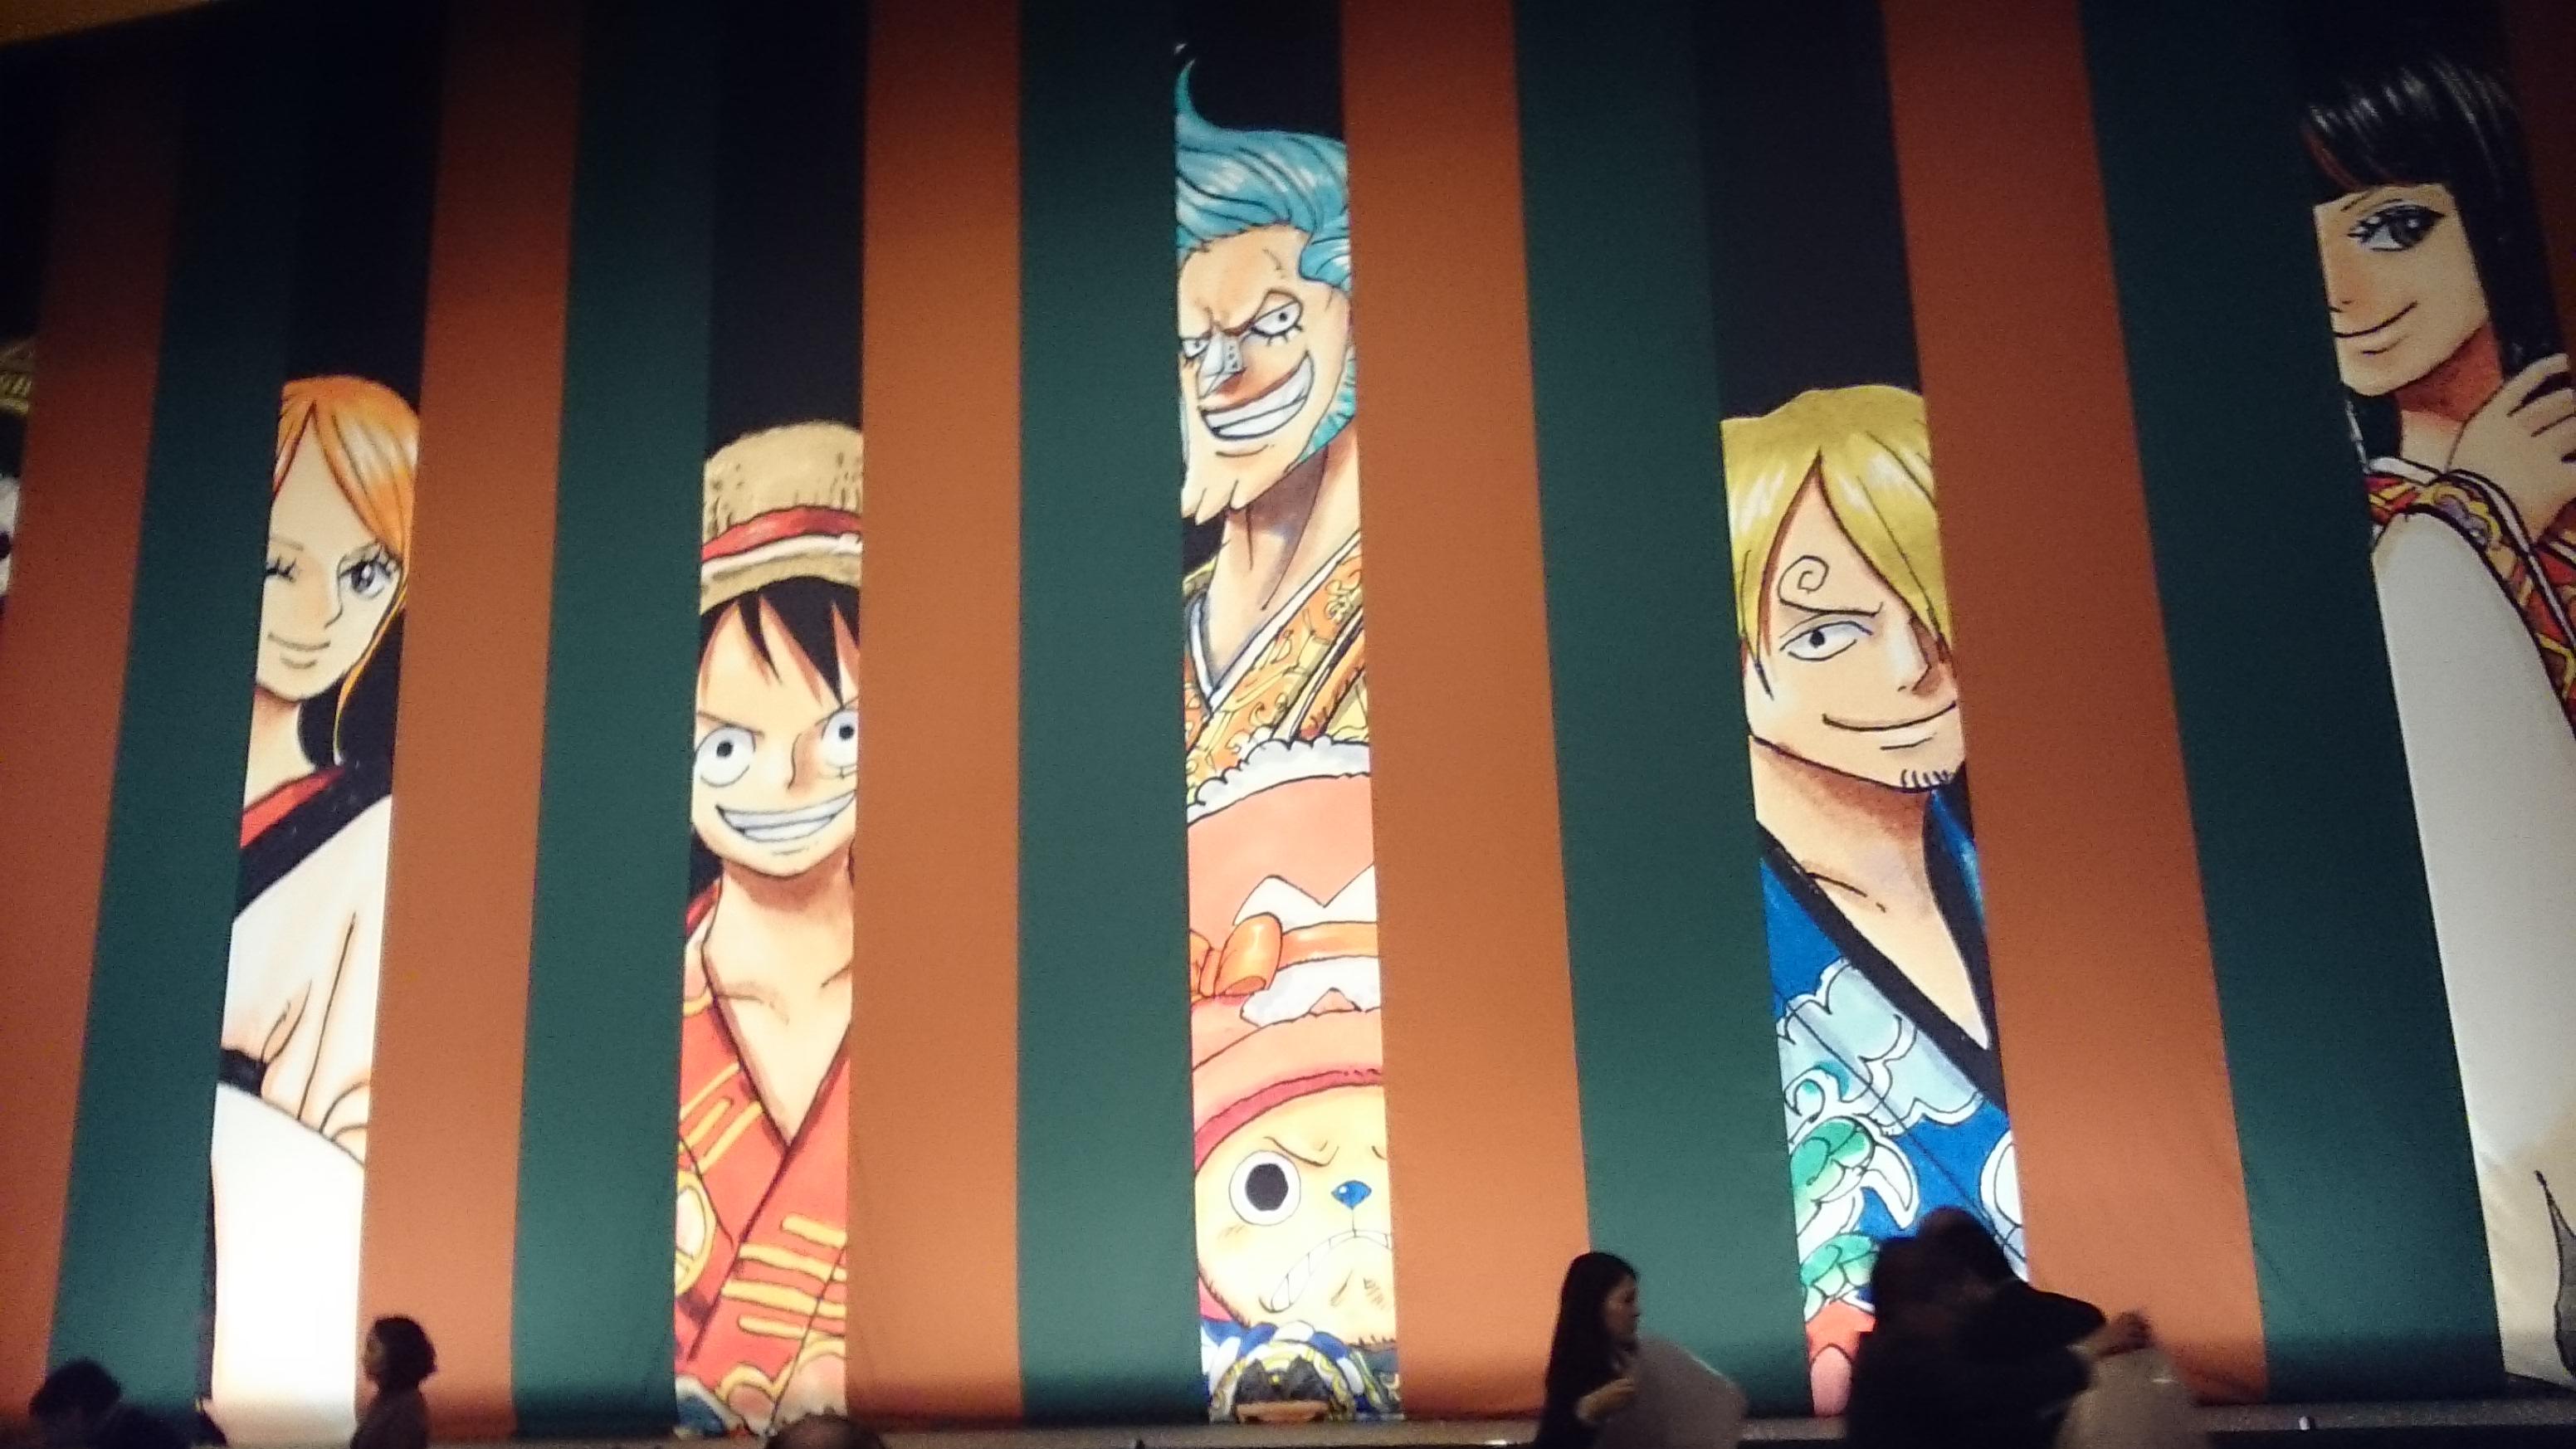 舞台正面の幕